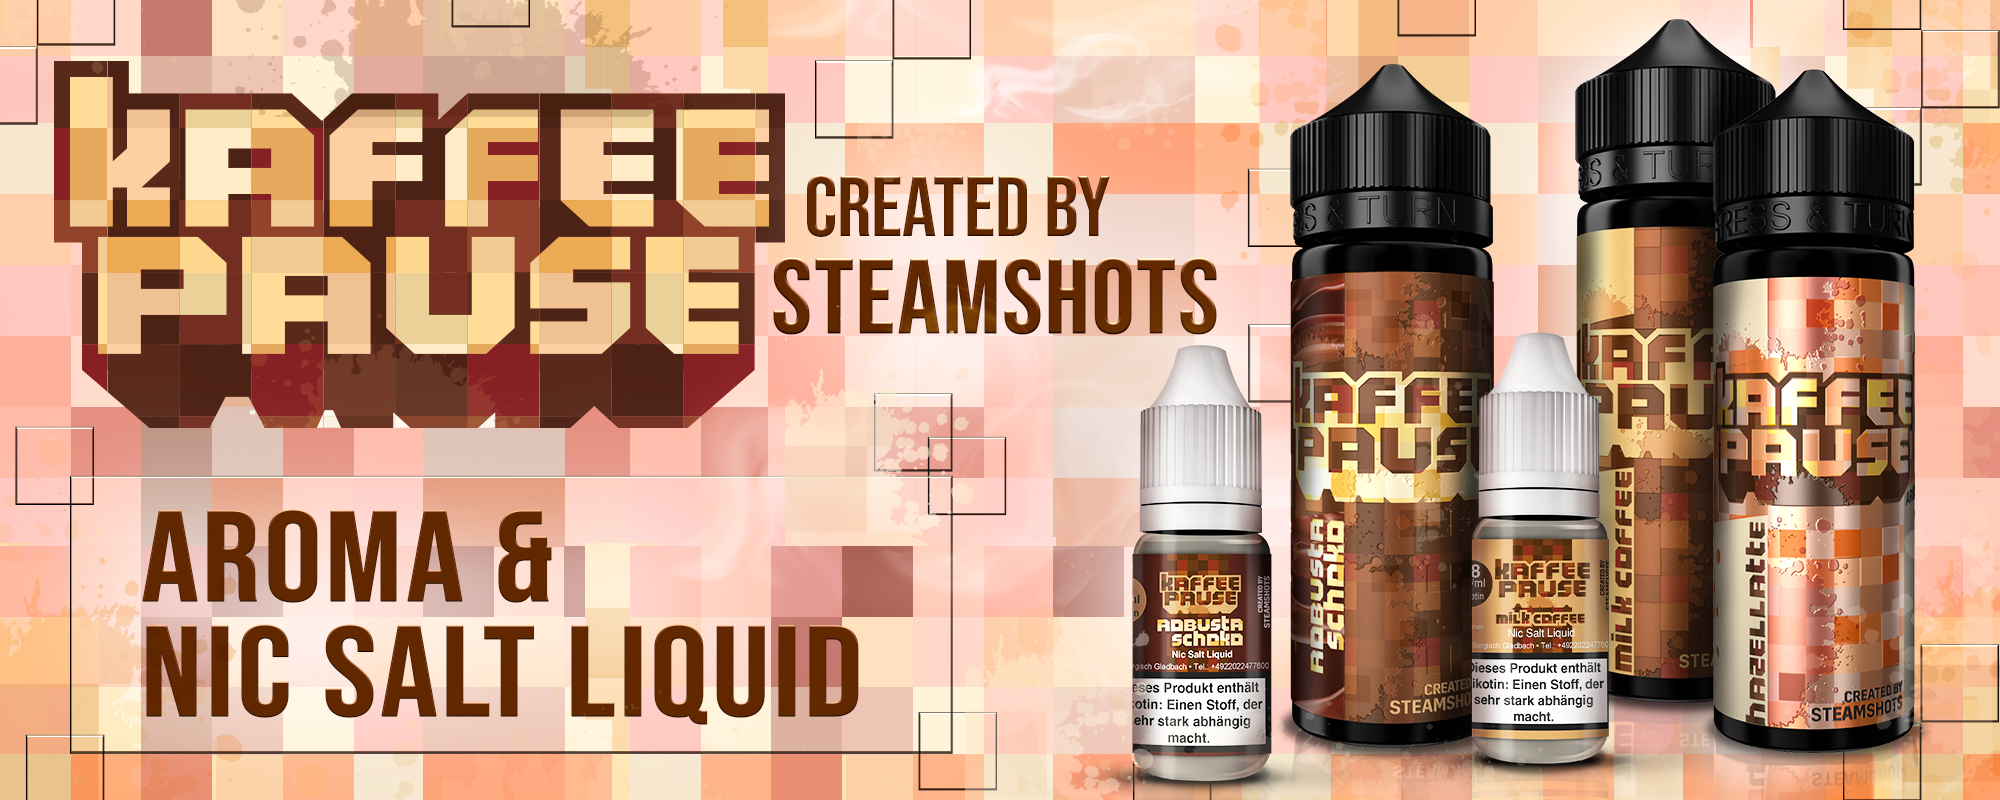 Kaffeepause by Steamshots